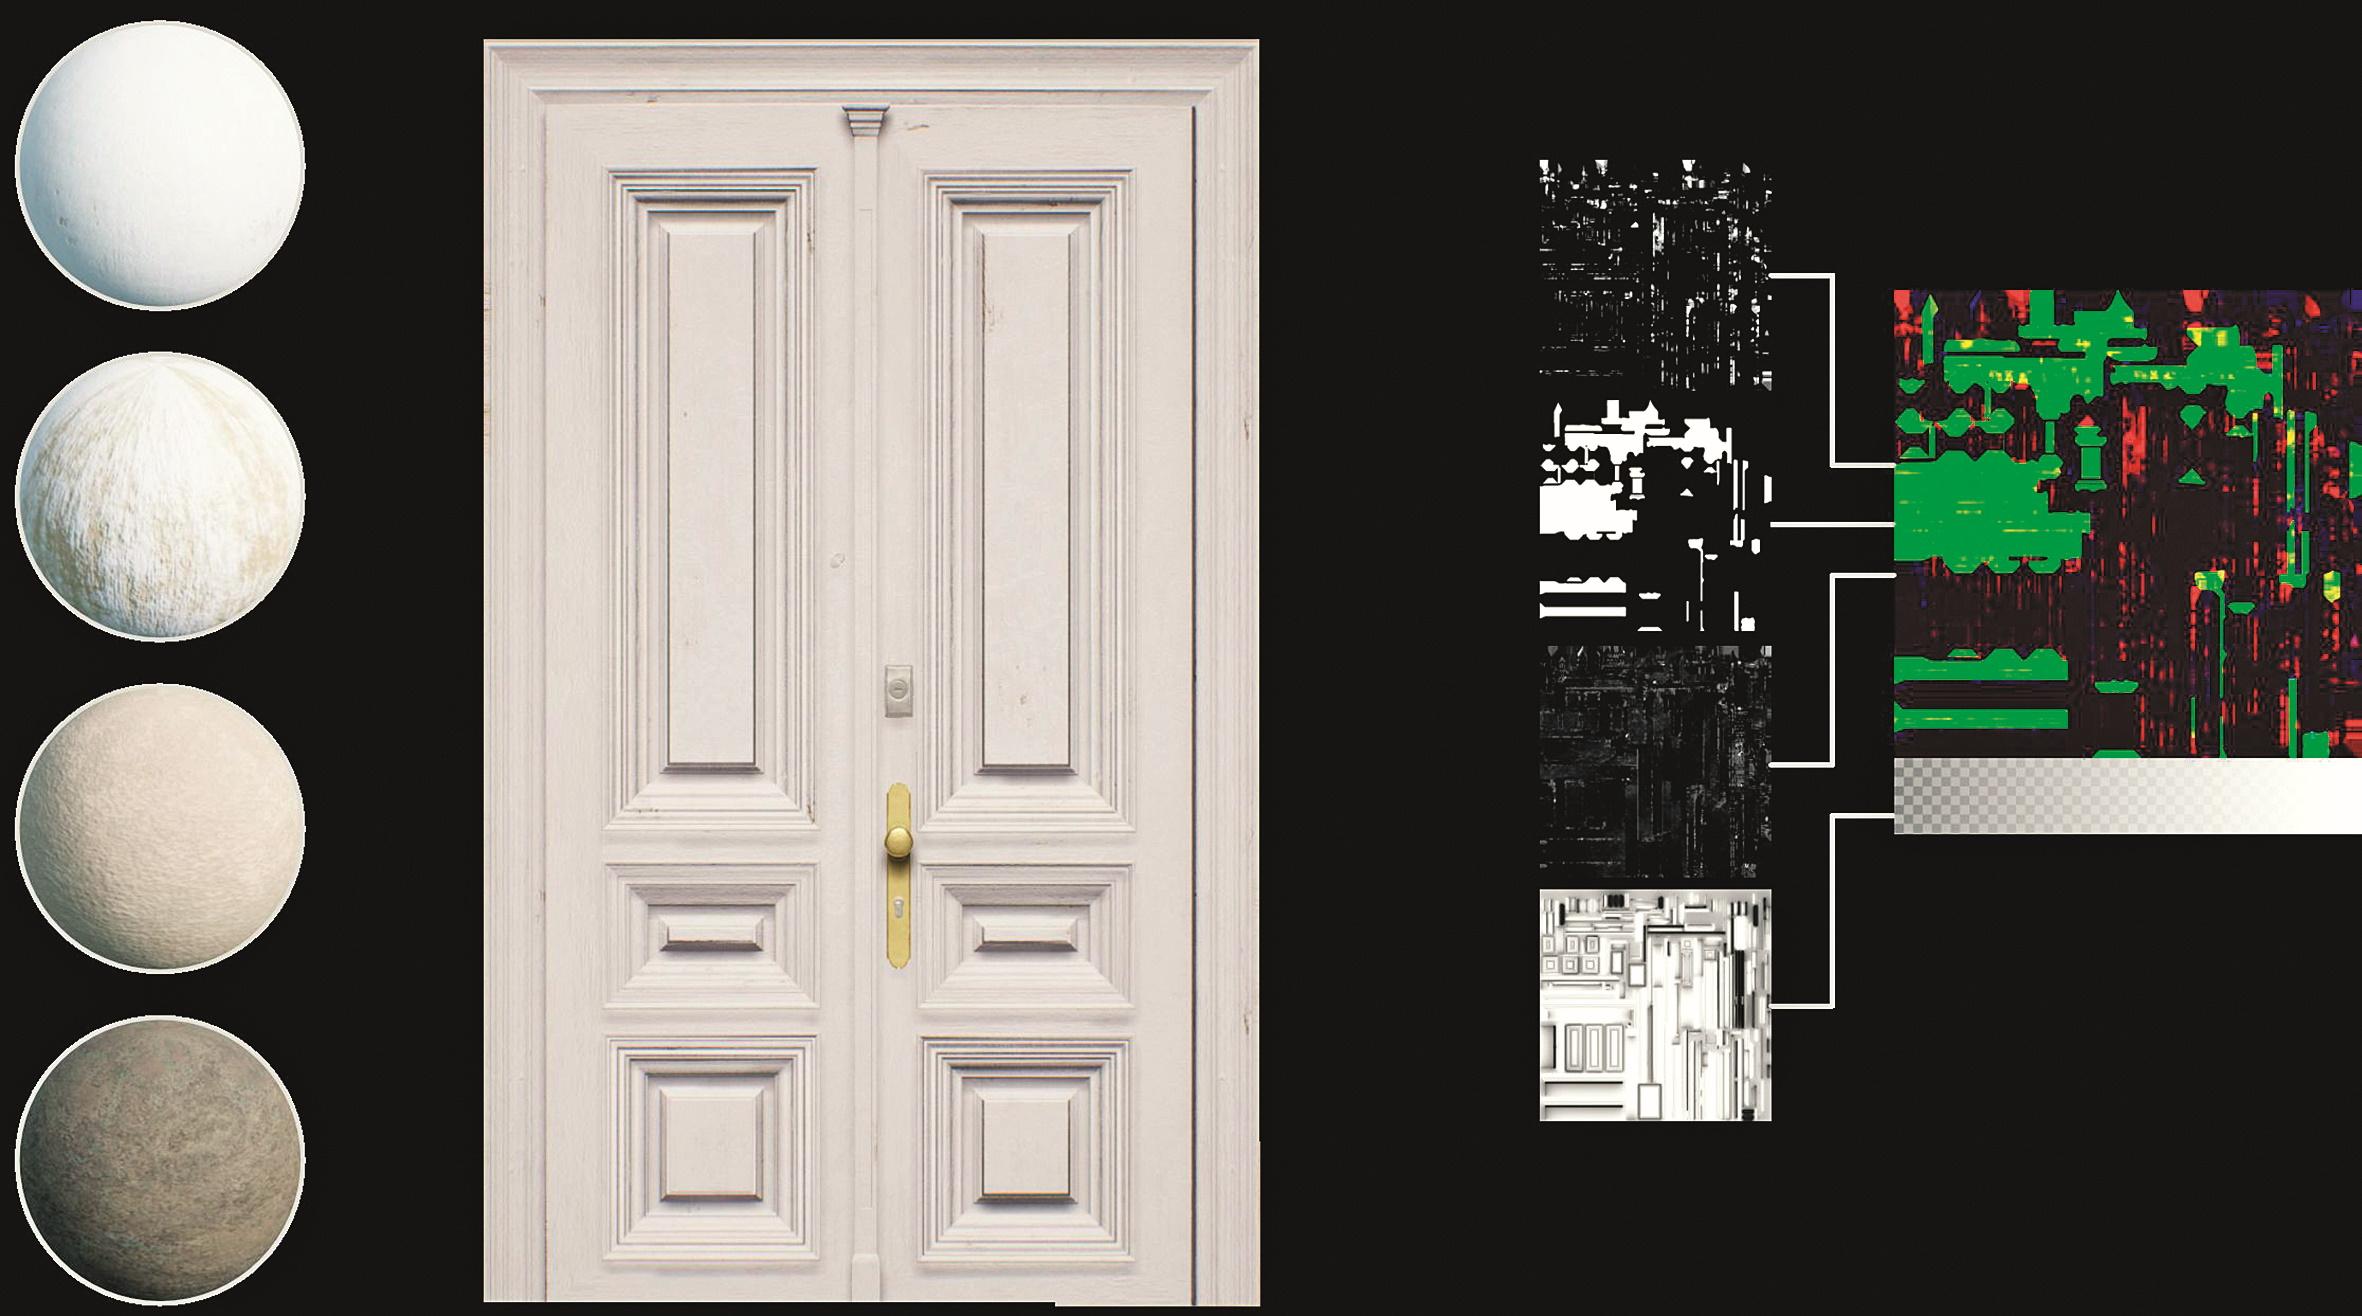 Abb. 8: Komponenten des Material Layerings: links die Basismaterialien, rechts die Blendingmasken und Ambient Occlusion Map sowie das Resultat in der Mitte